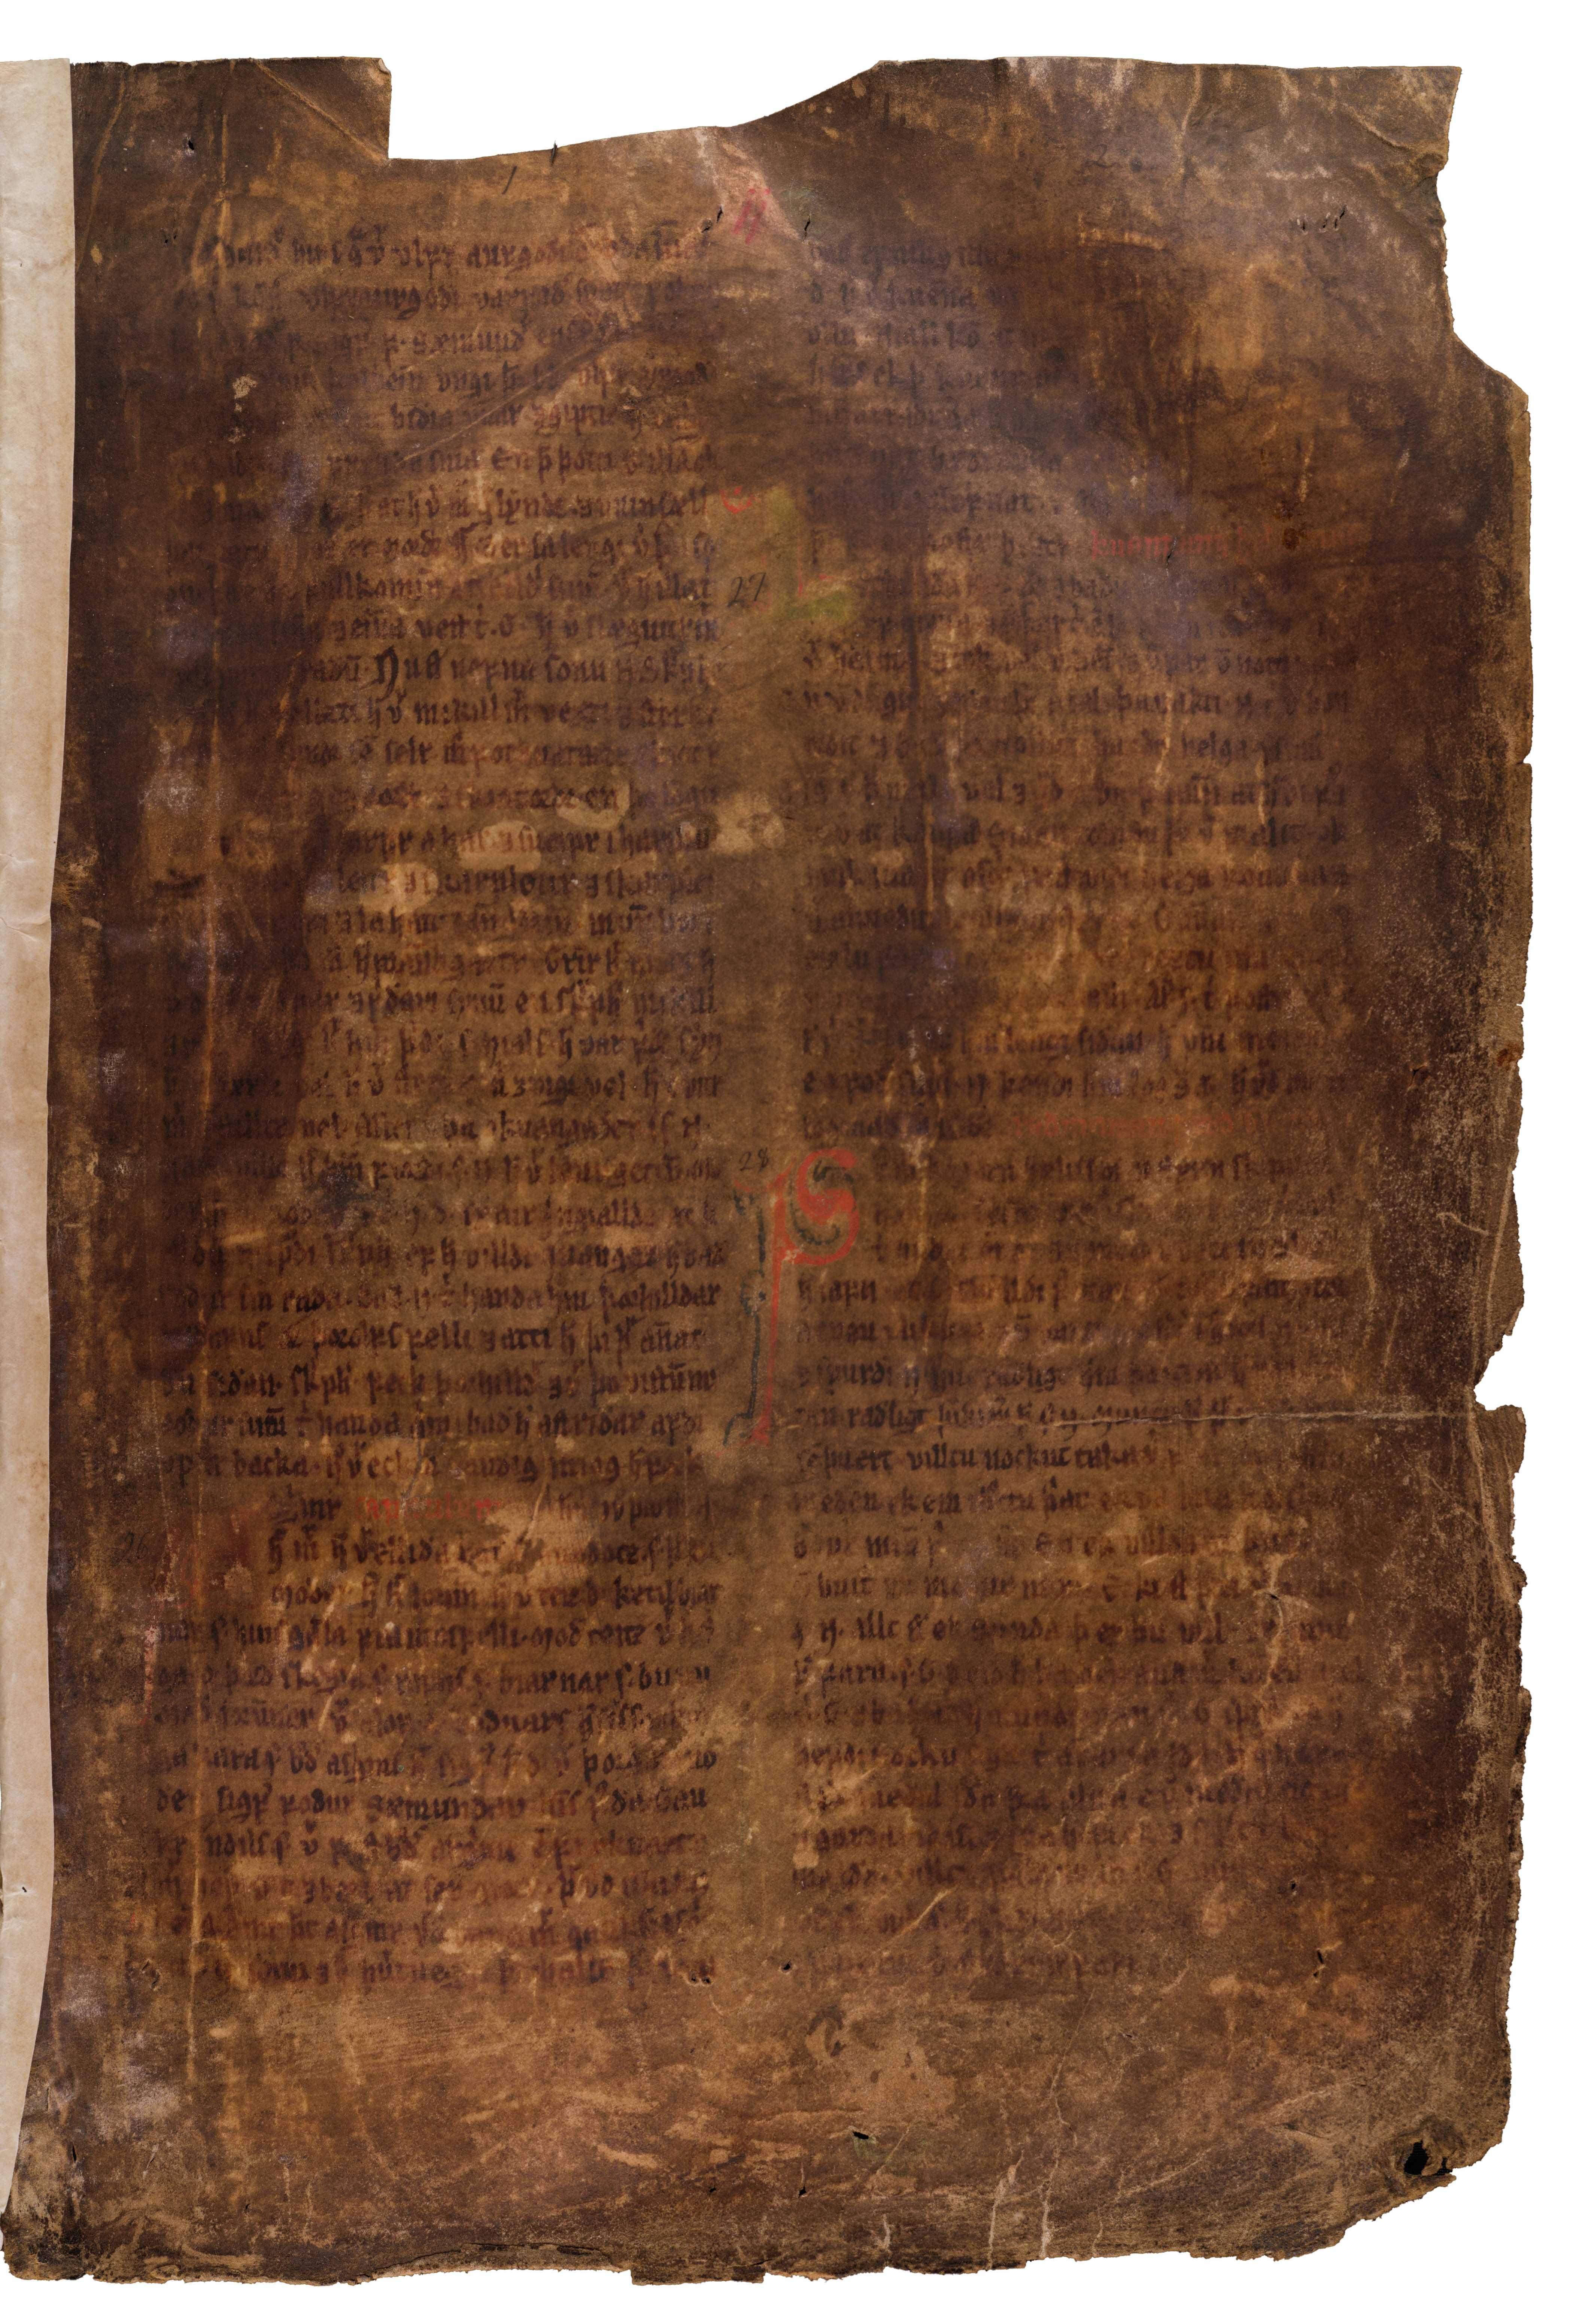 AM 132 fol - 11r